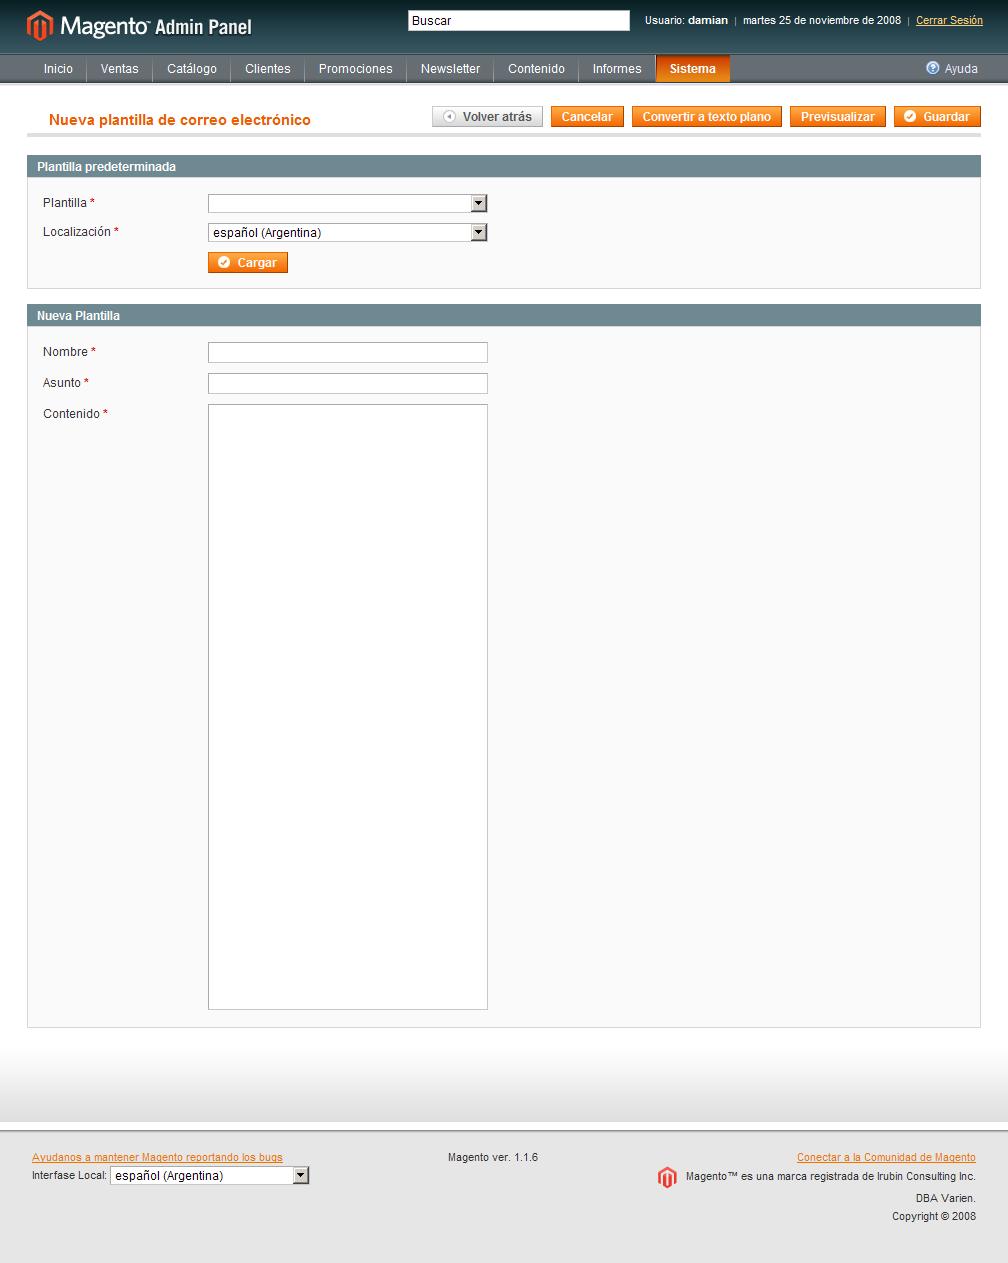 Personalizando los emails de Magento | Damián Culotta